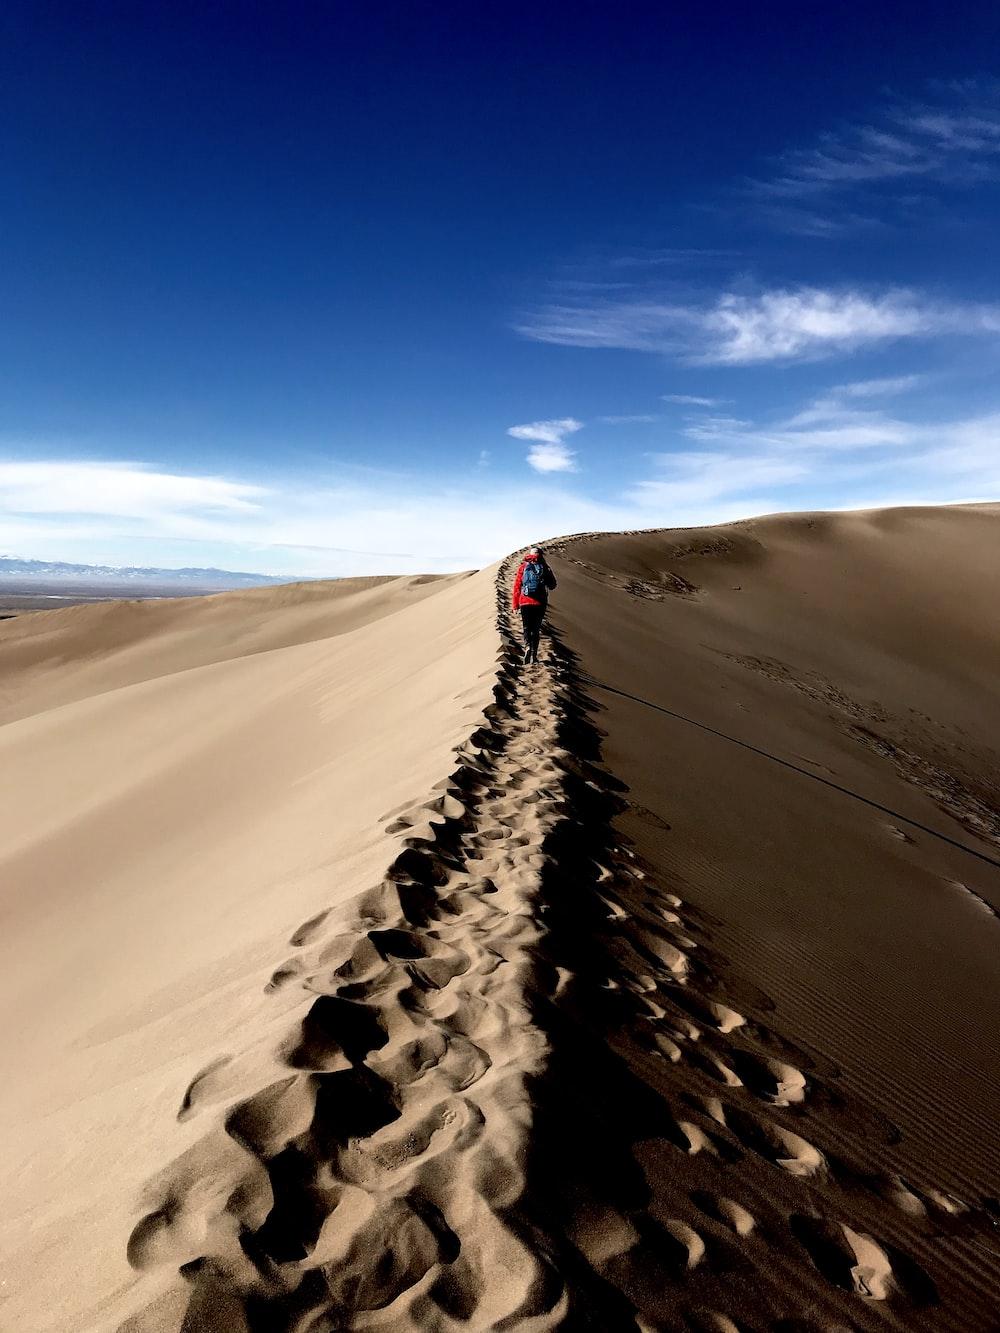 person walking on desert at daytime